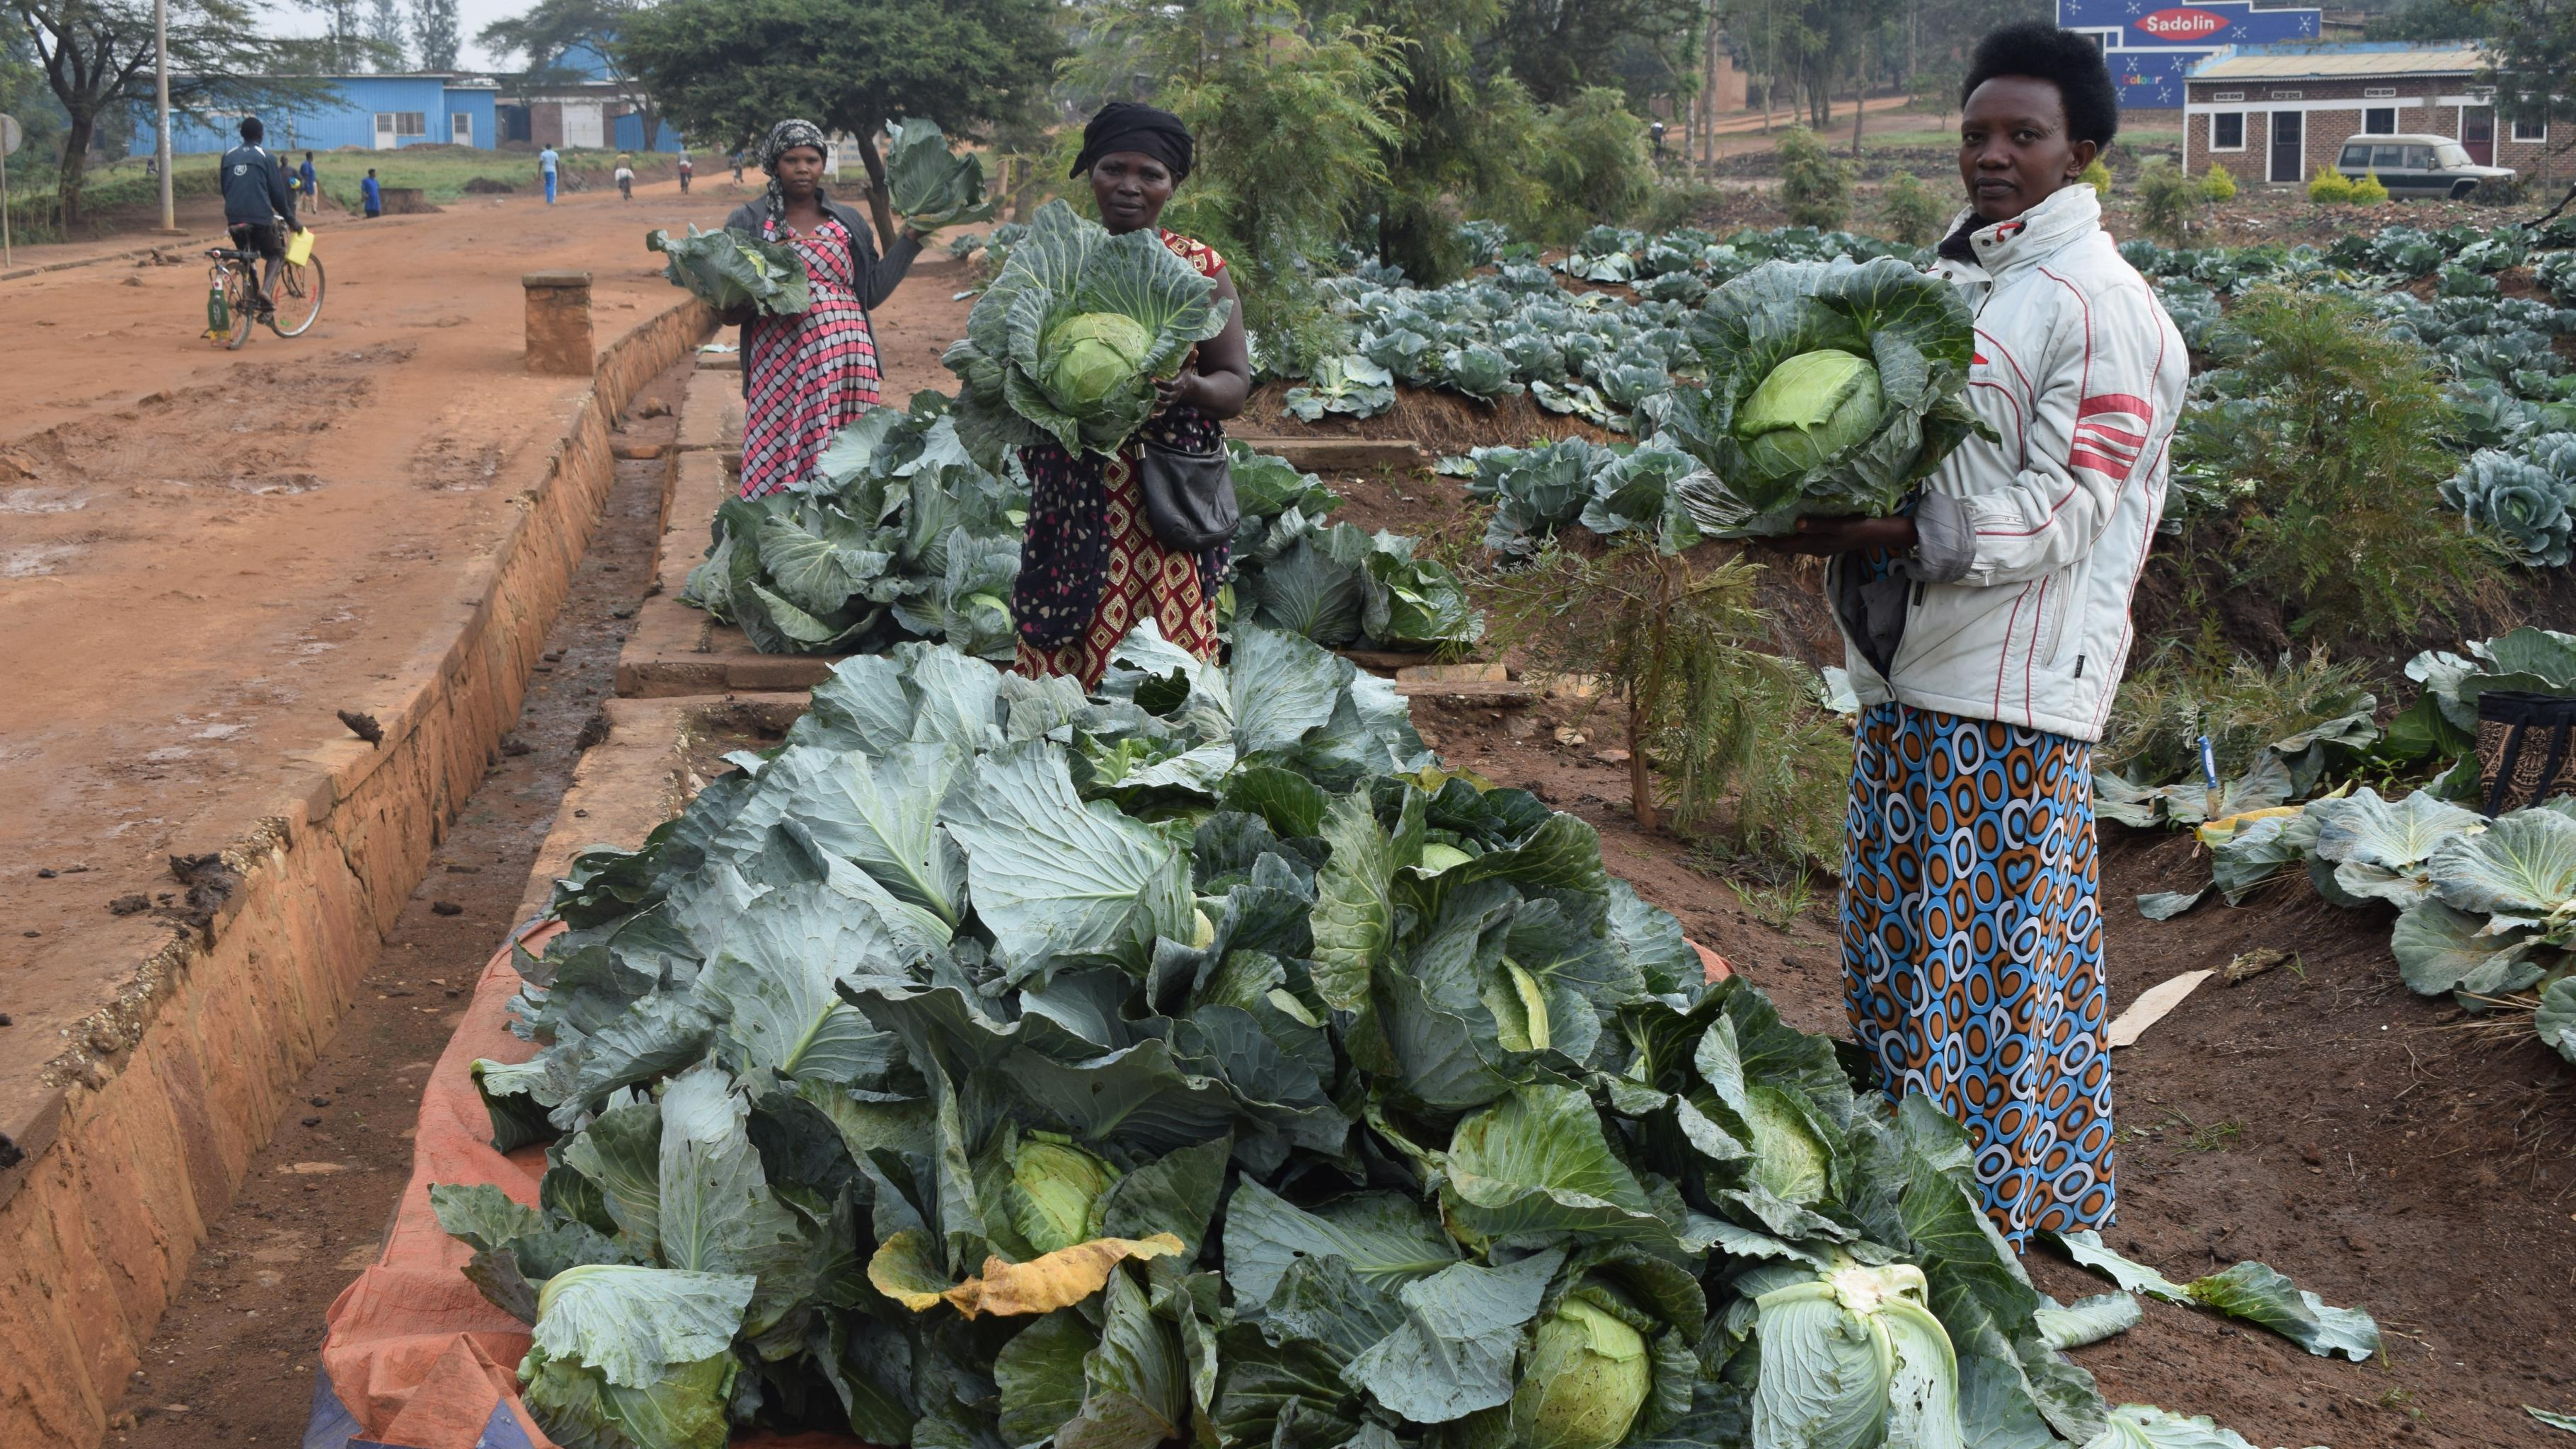 Verbesserung der landwirtschaftlichen Produktion und der  Ernährungssicherheit für Kleinbäuerinnen und -bauern in Ruanda